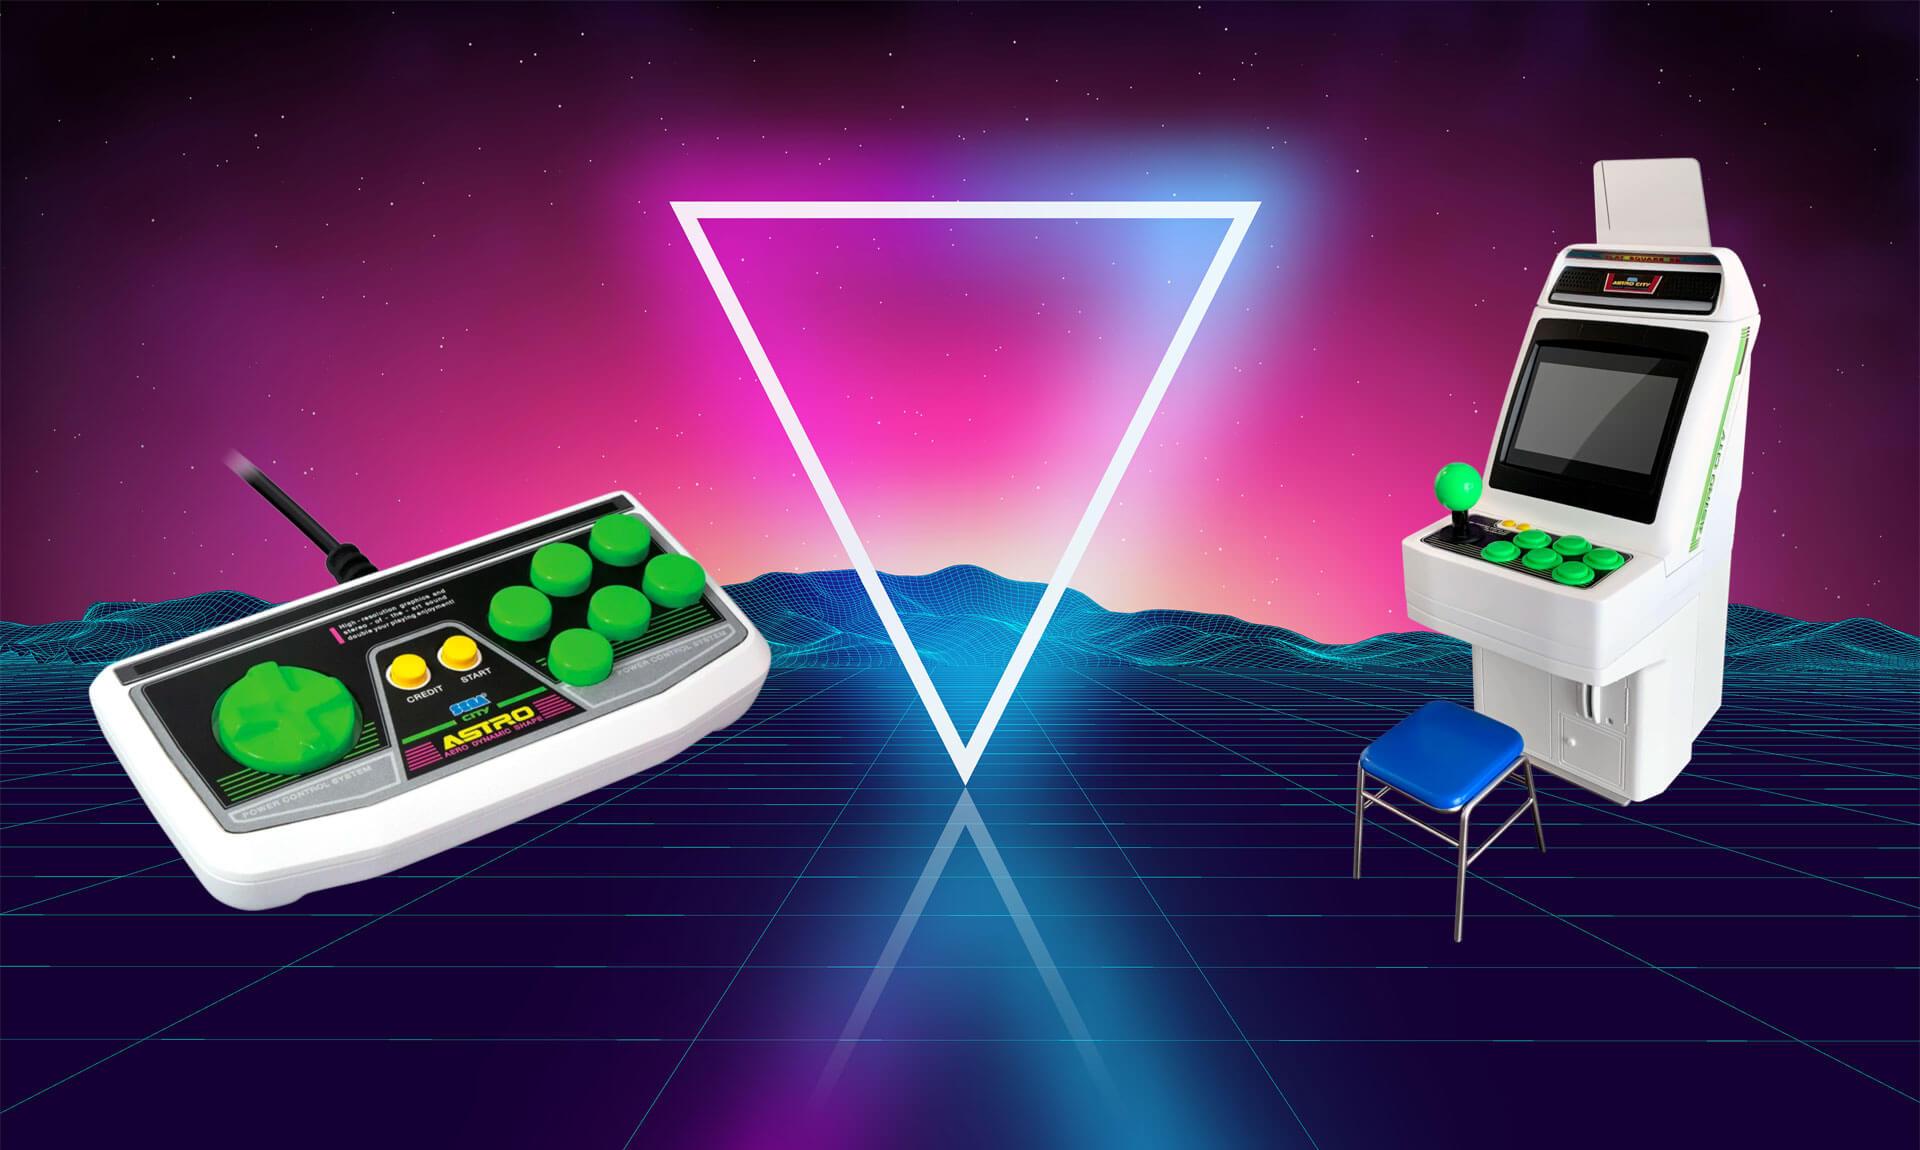 Sega-Arcade-Flair für zu Hause: Limit Run Games veröffentlicht Sega Astro City Mini